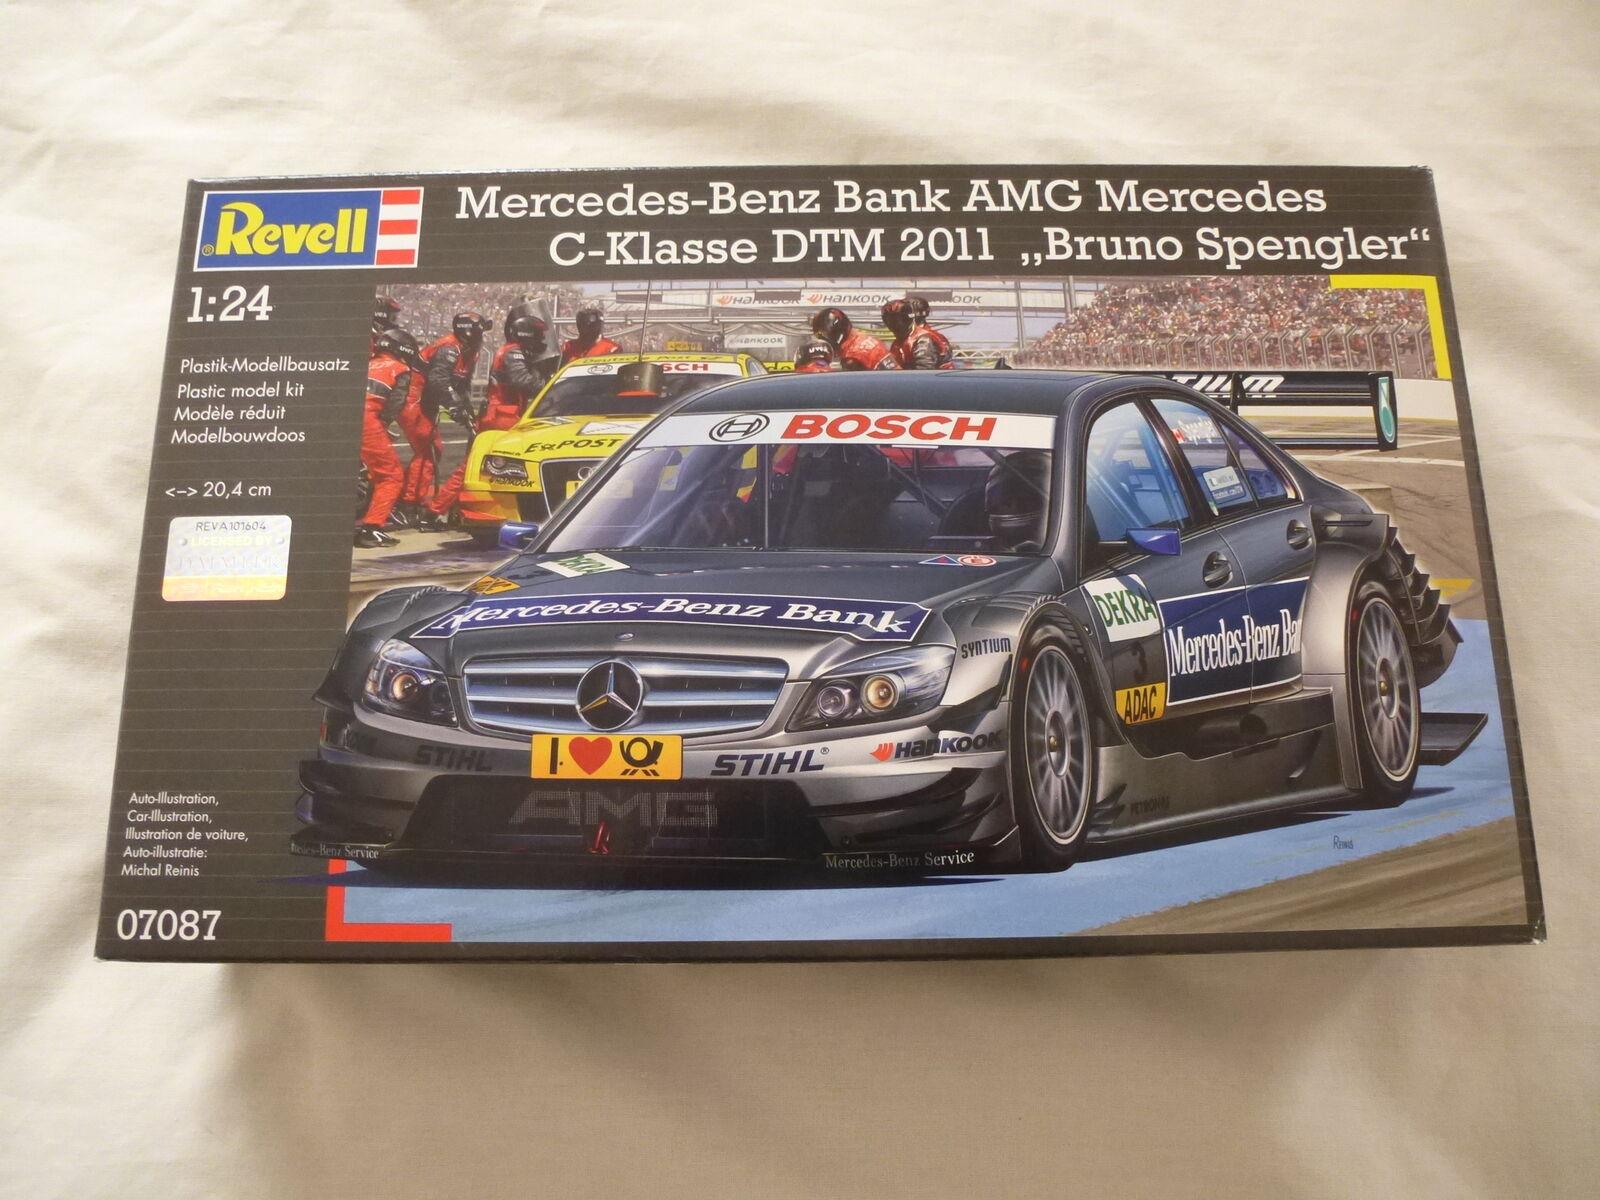 Revell 1 24 Mercedes-Benz Bank AMG Mercedes C-Klasse DTM 2011